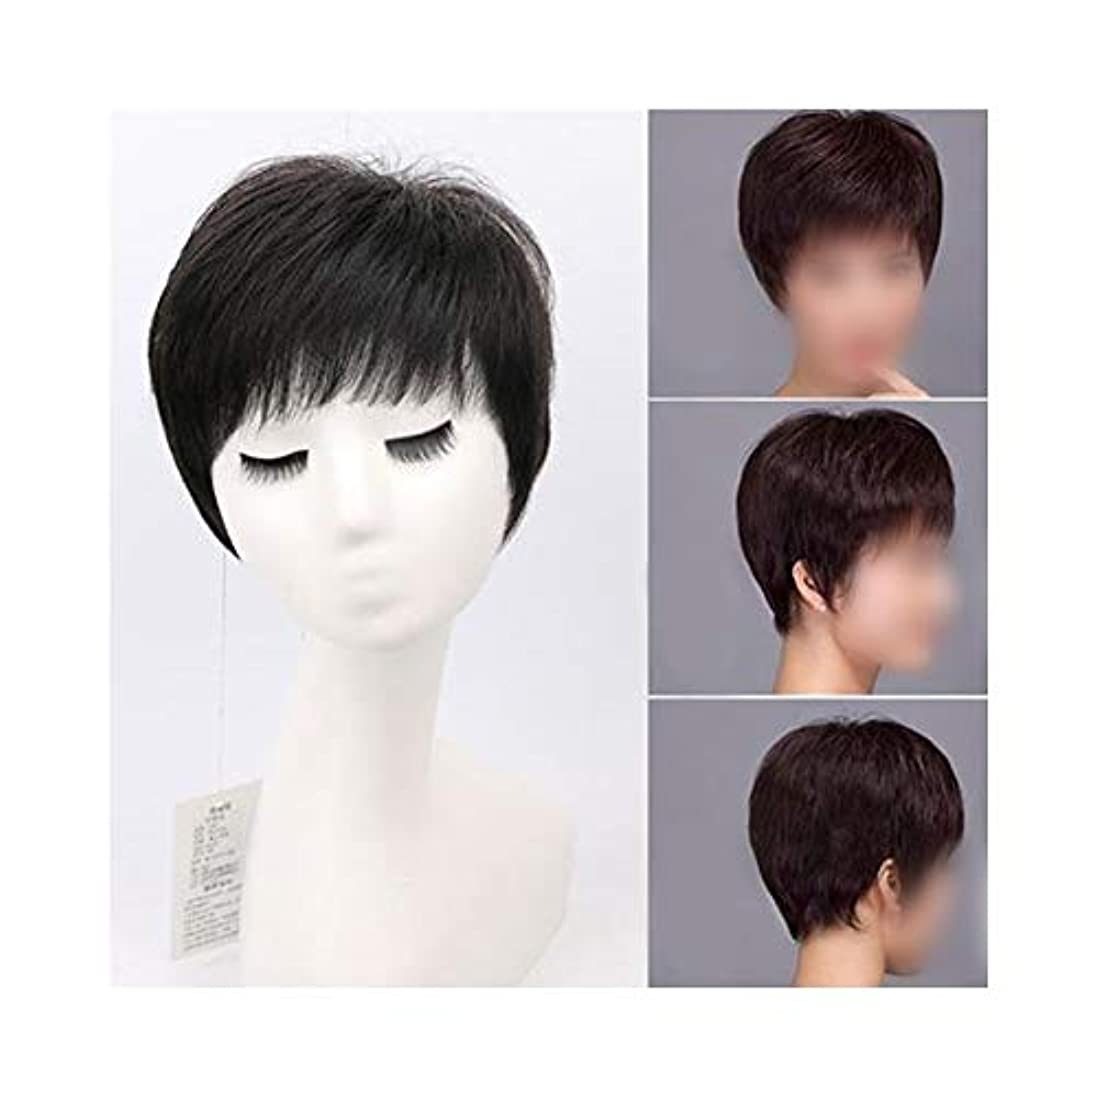 スケジュール吹きさらし厳YOUQIU 女性のための空気中前髪と古いウィッグナチュラル現実的なかつらを持つ実髪ショートストレートヘアー (色 : Dark brown)